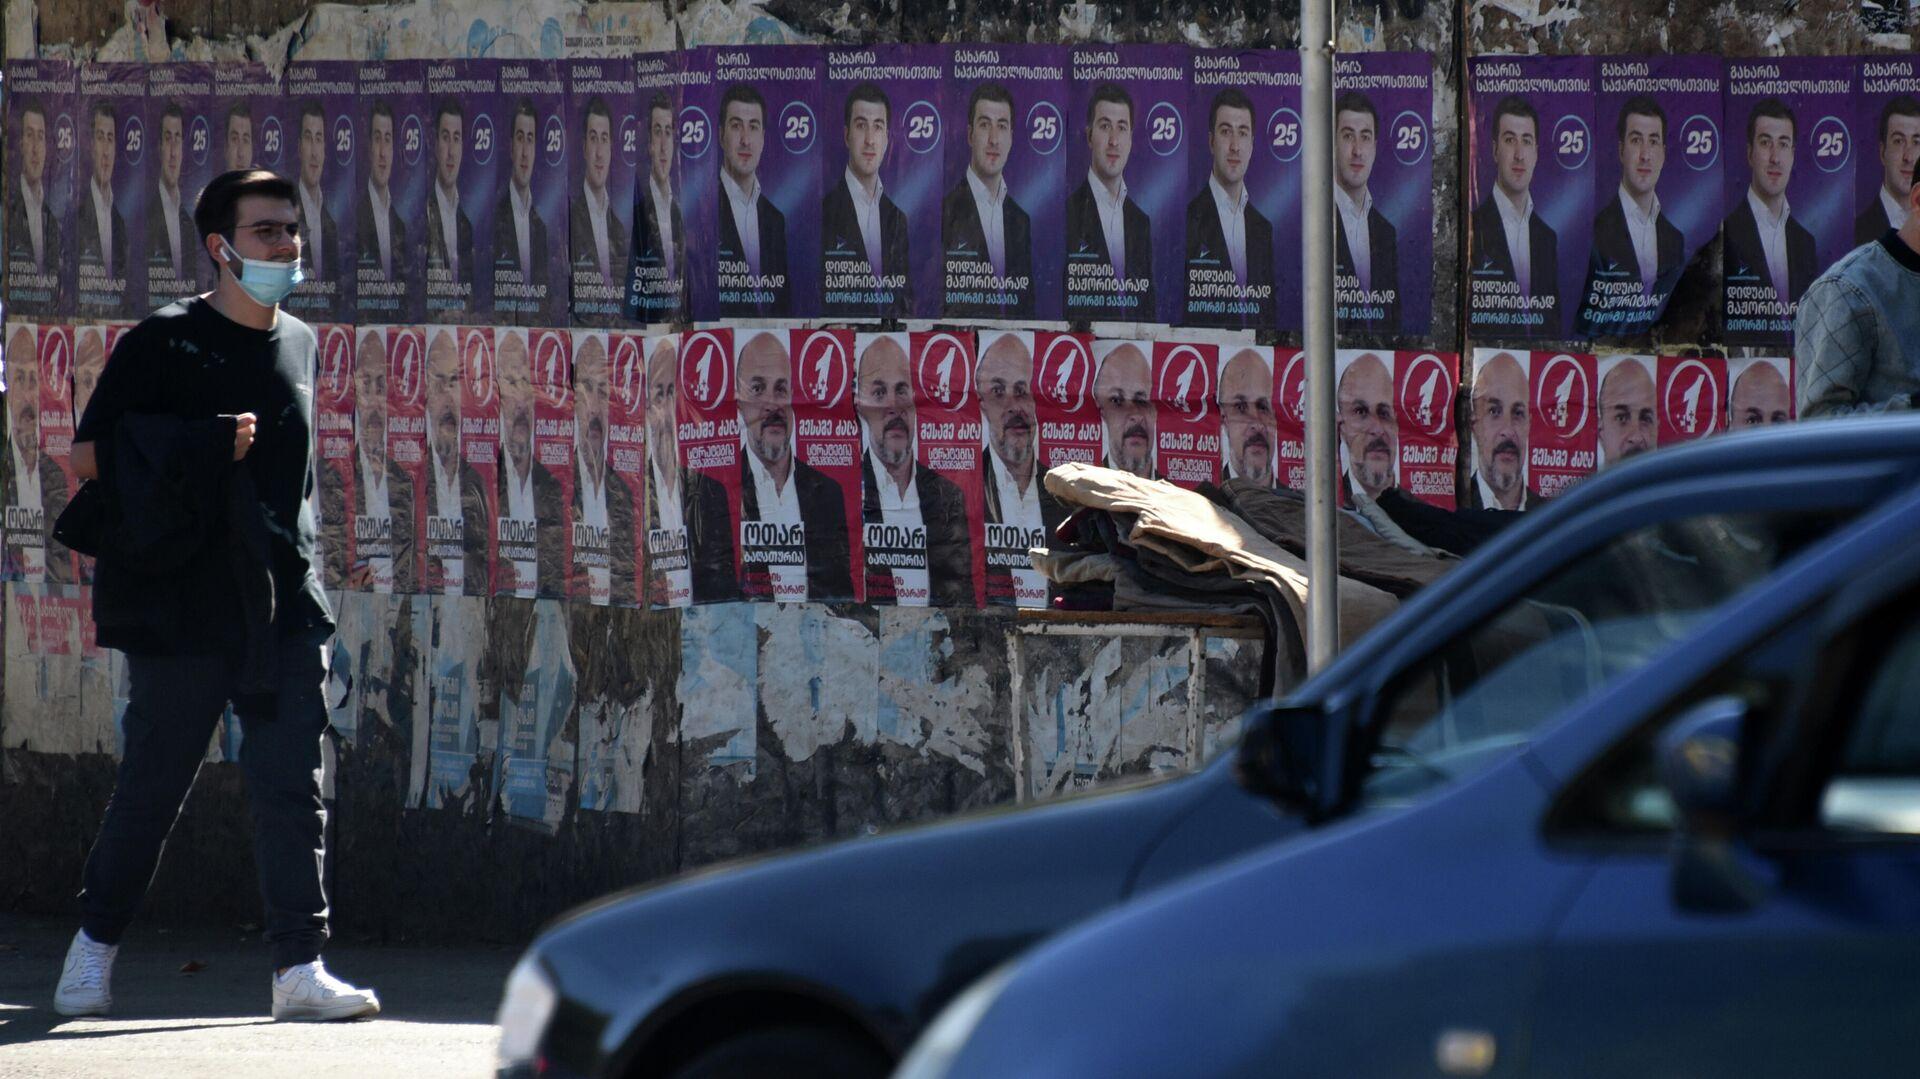 Эпидемия коронавируса и предвыборная агитация - плакаты на улицах города - Sputnik Грузия, 1920, 29.09.2021